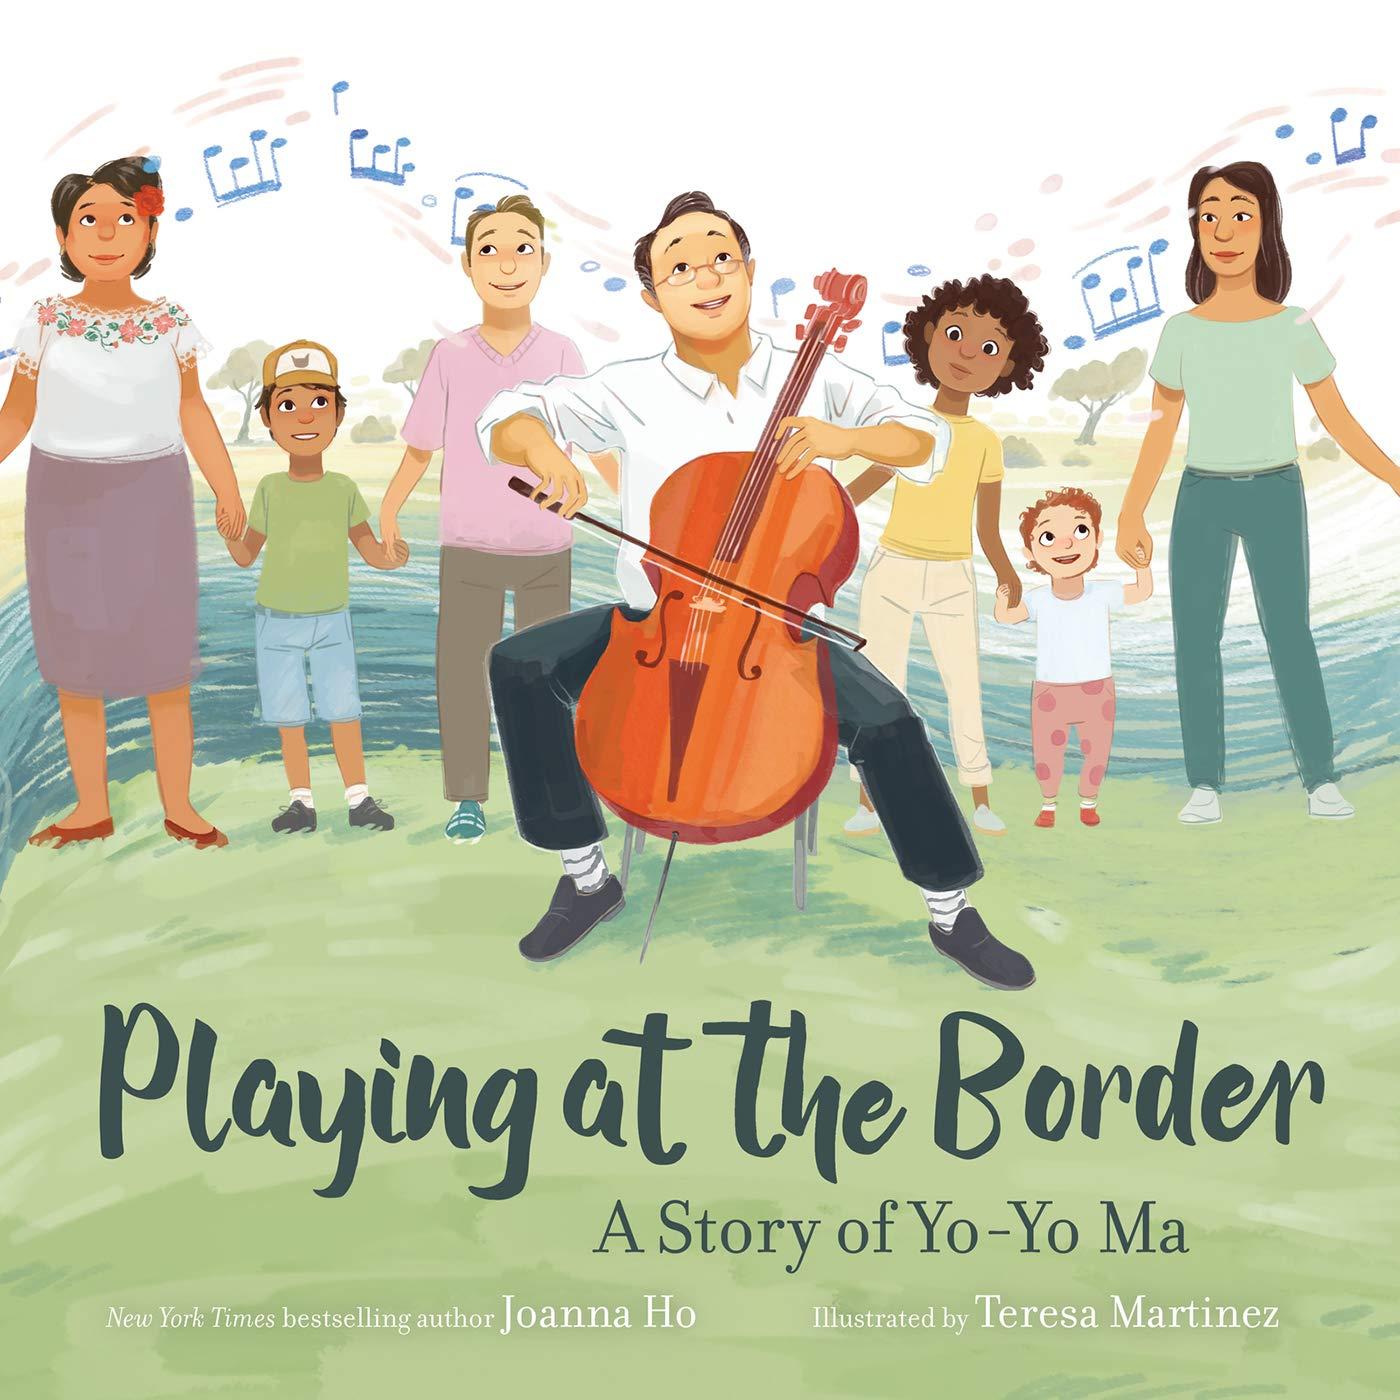 Playing at the Border: A Story of Yo-Yo Ma